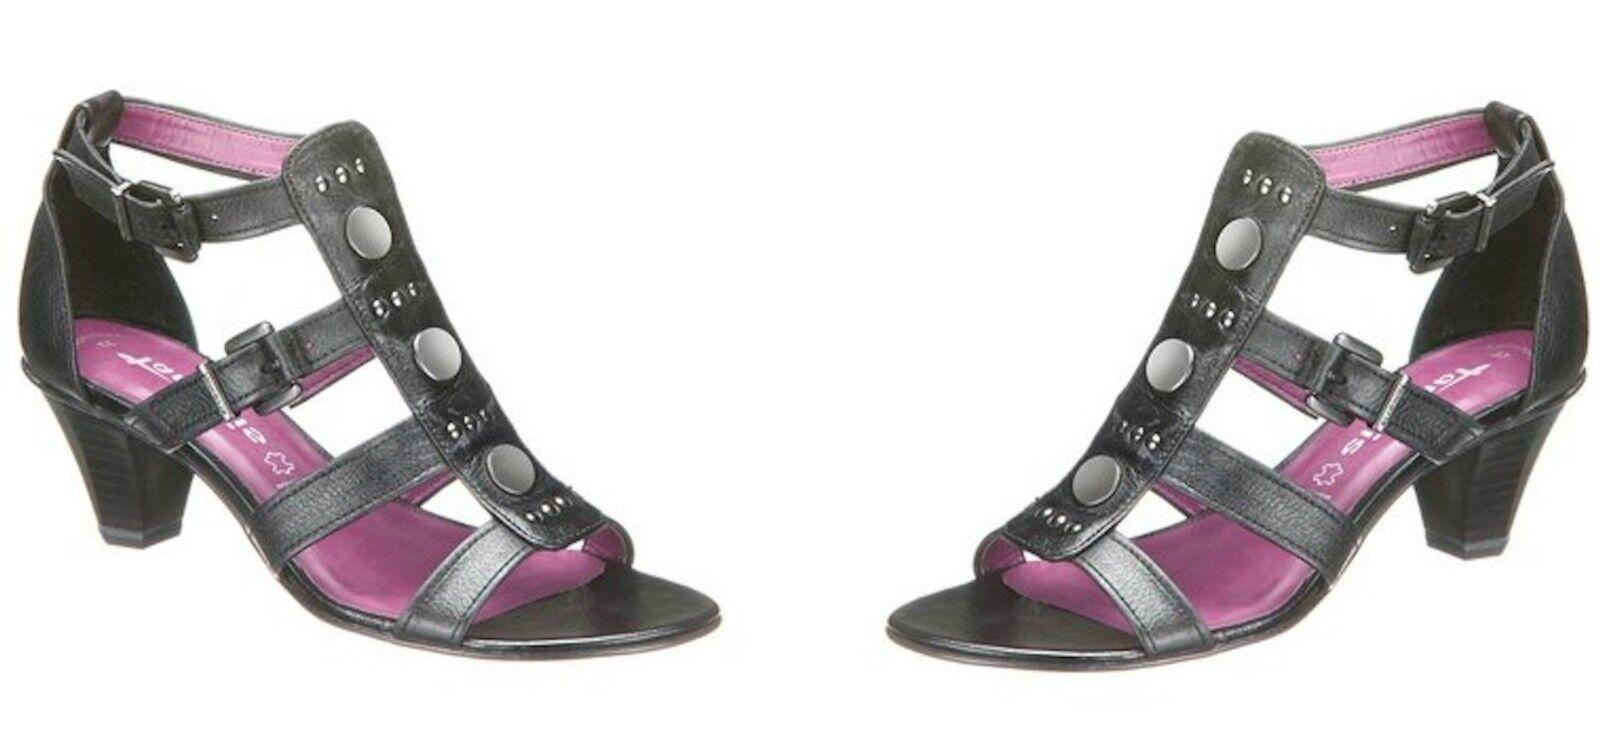 Tamaris schwarz, Sandalen 171088 Damenschuhe Sandaletten, schwarz, Tamaris EU 40 7e4604